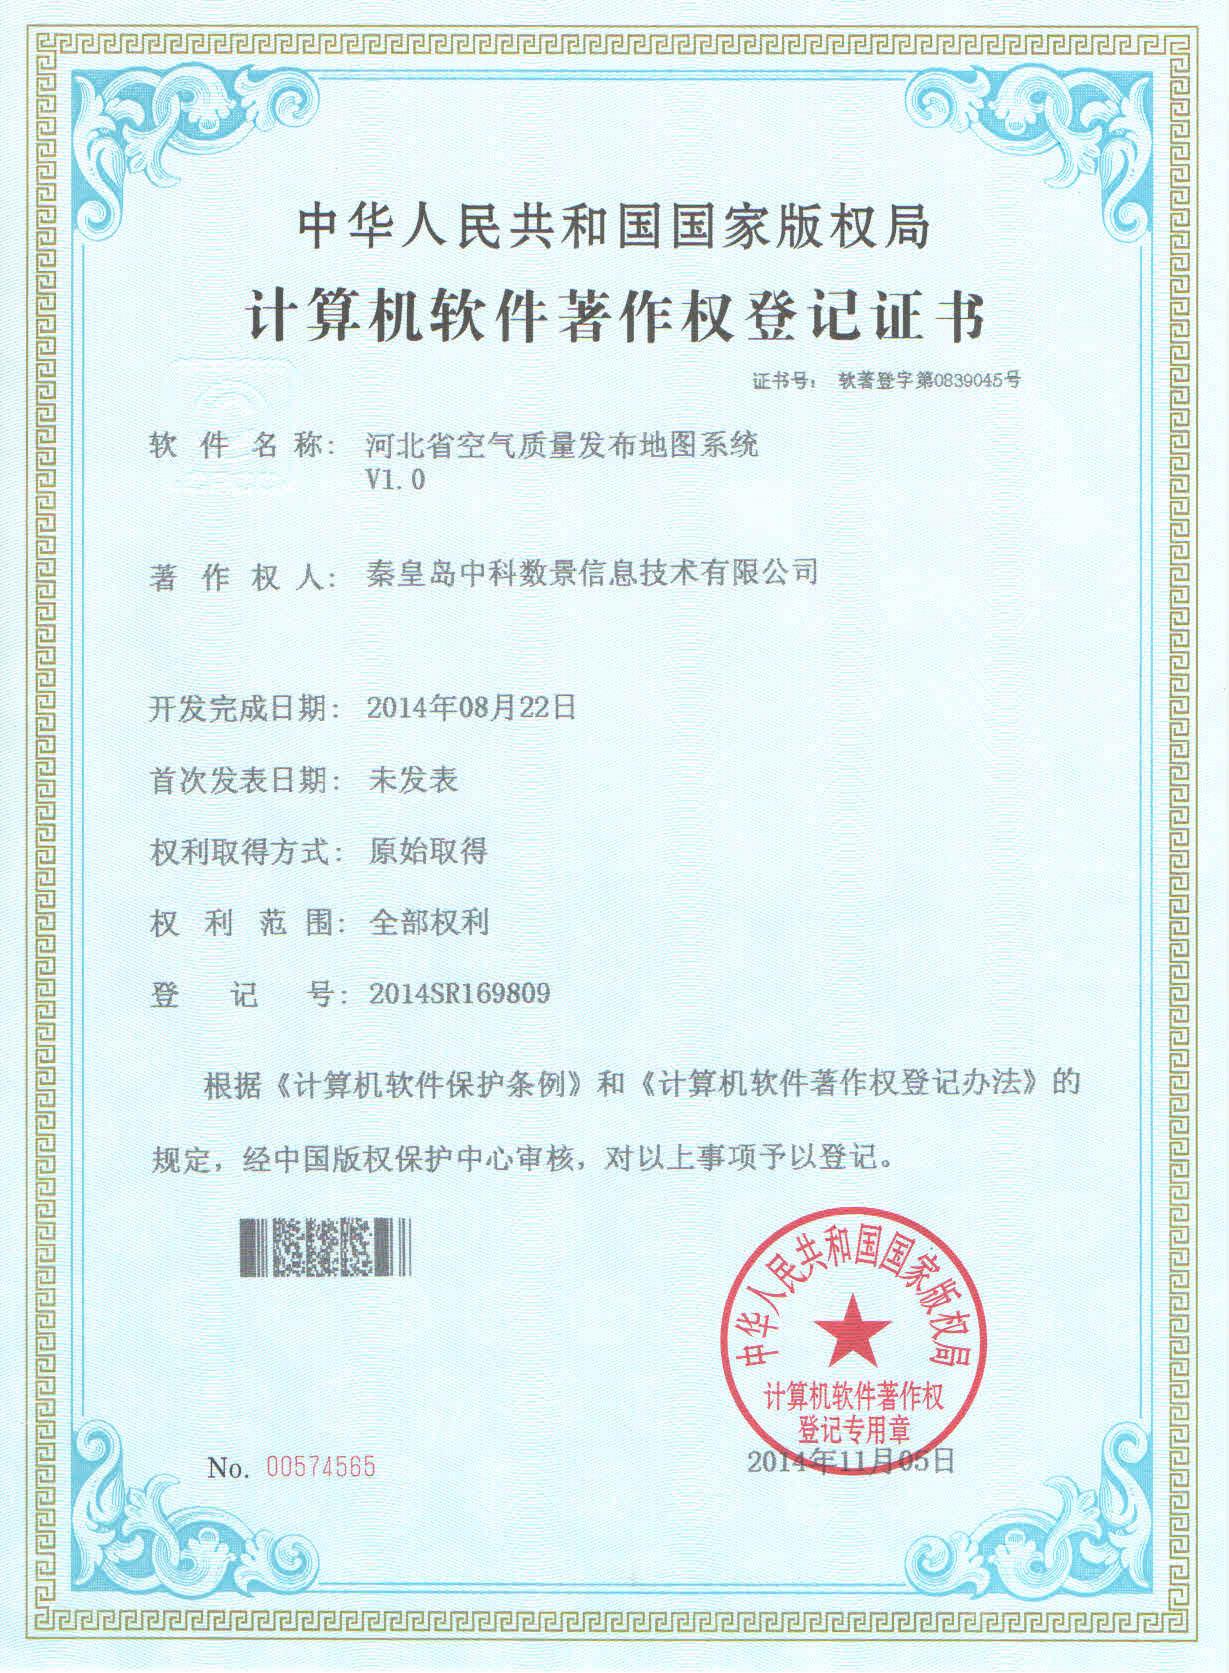 河北省空气质量发布地图系统软件著作权